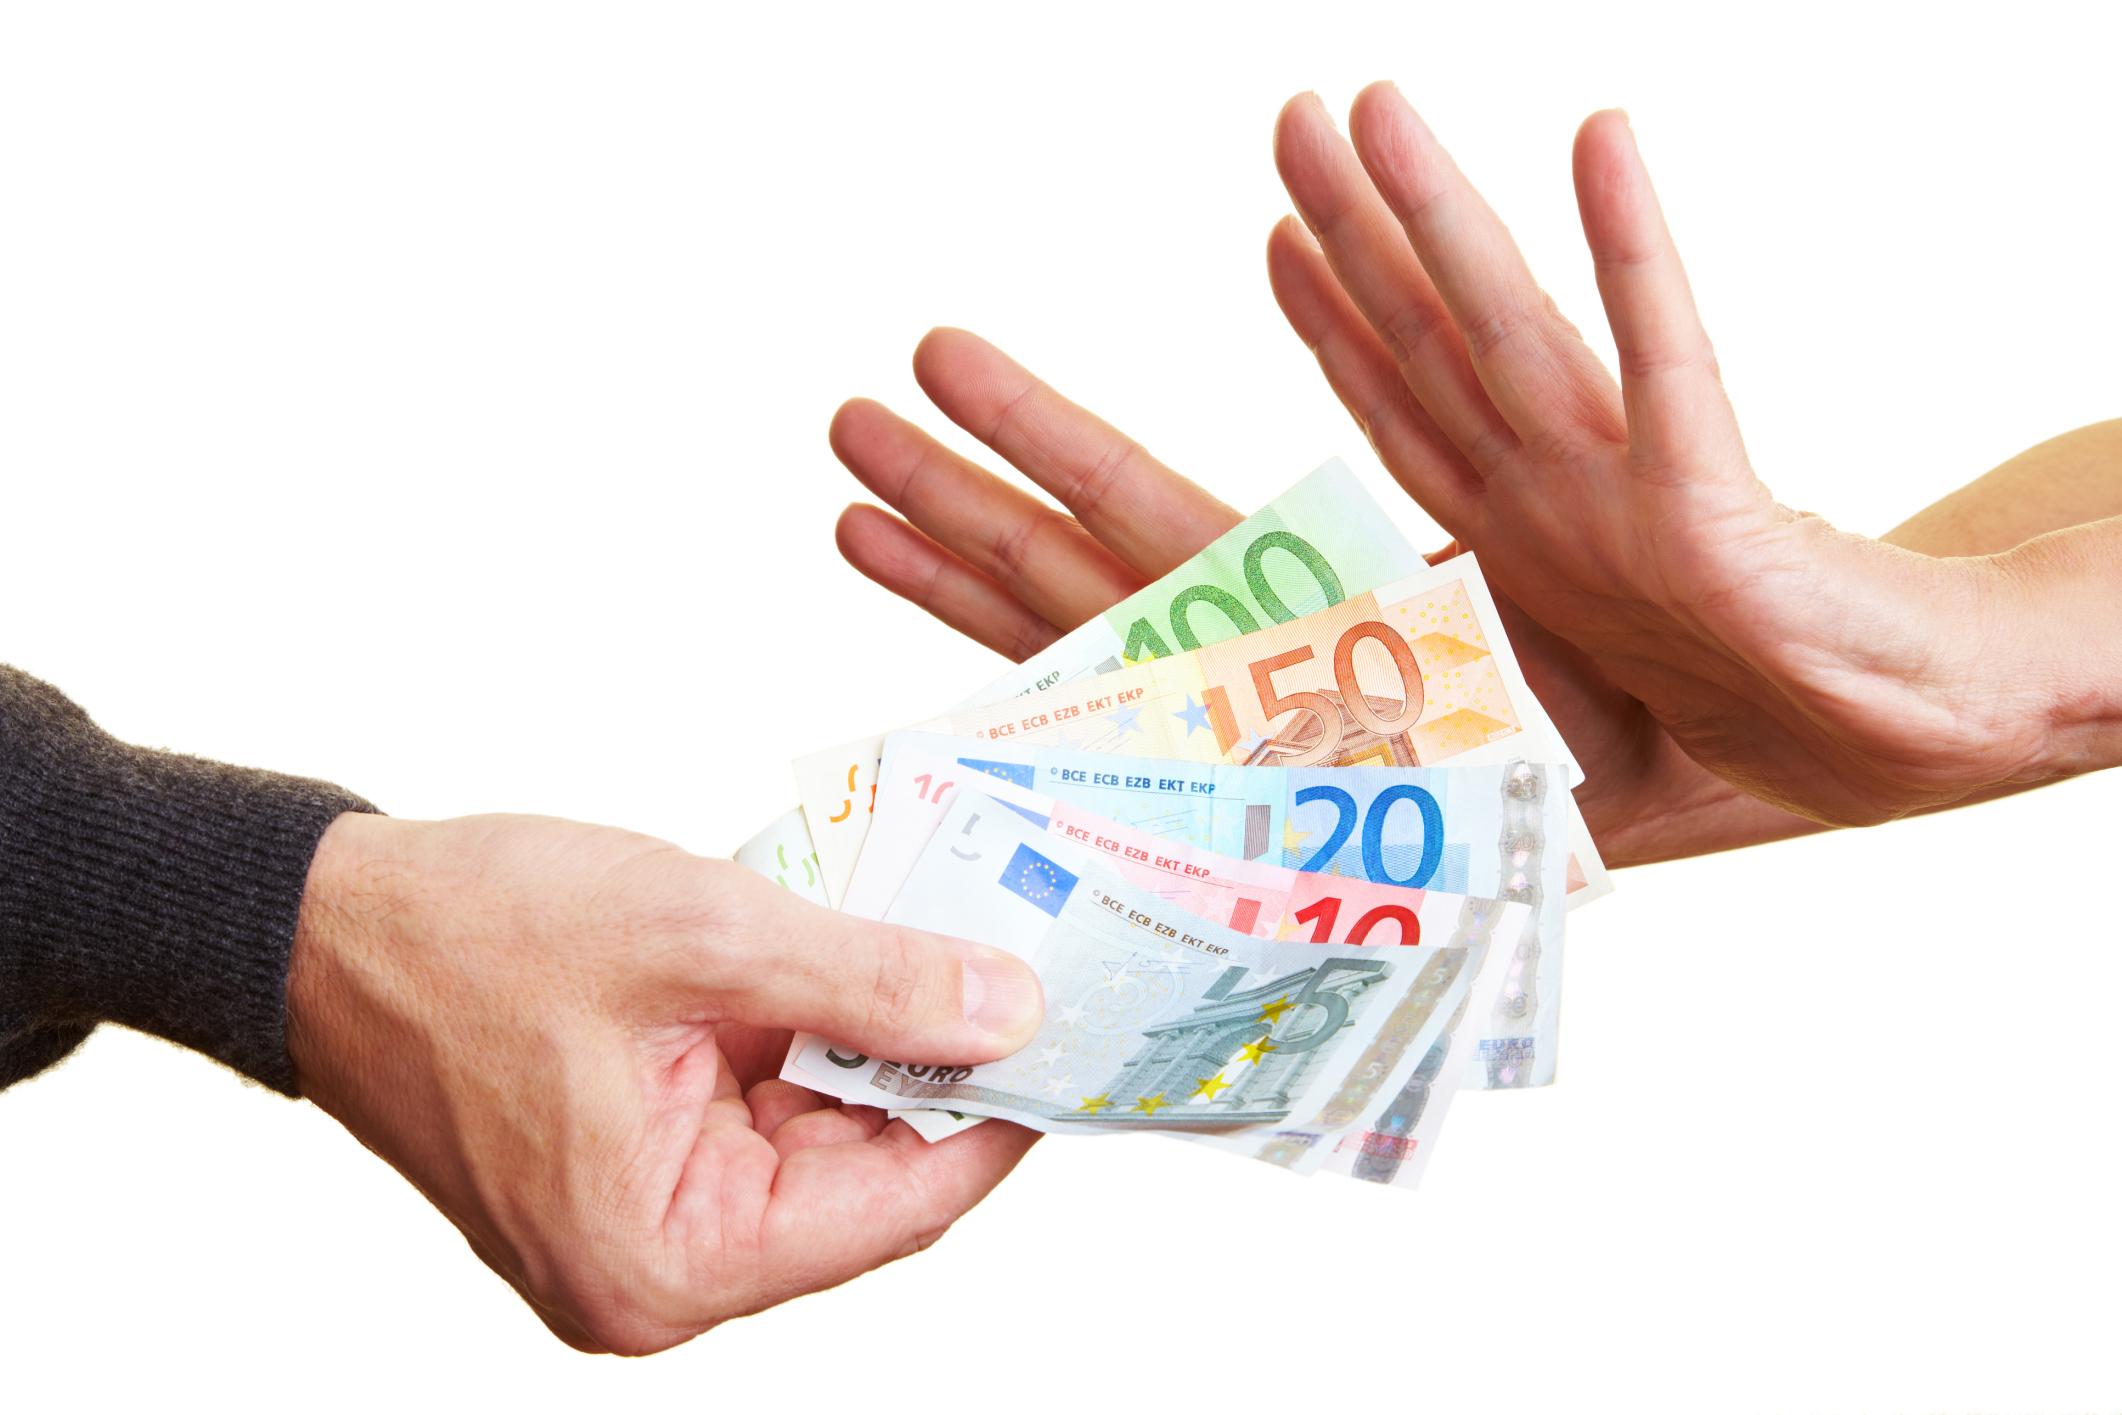 Češi euro odmítají, stojí o něj jen čtvrtina lidí